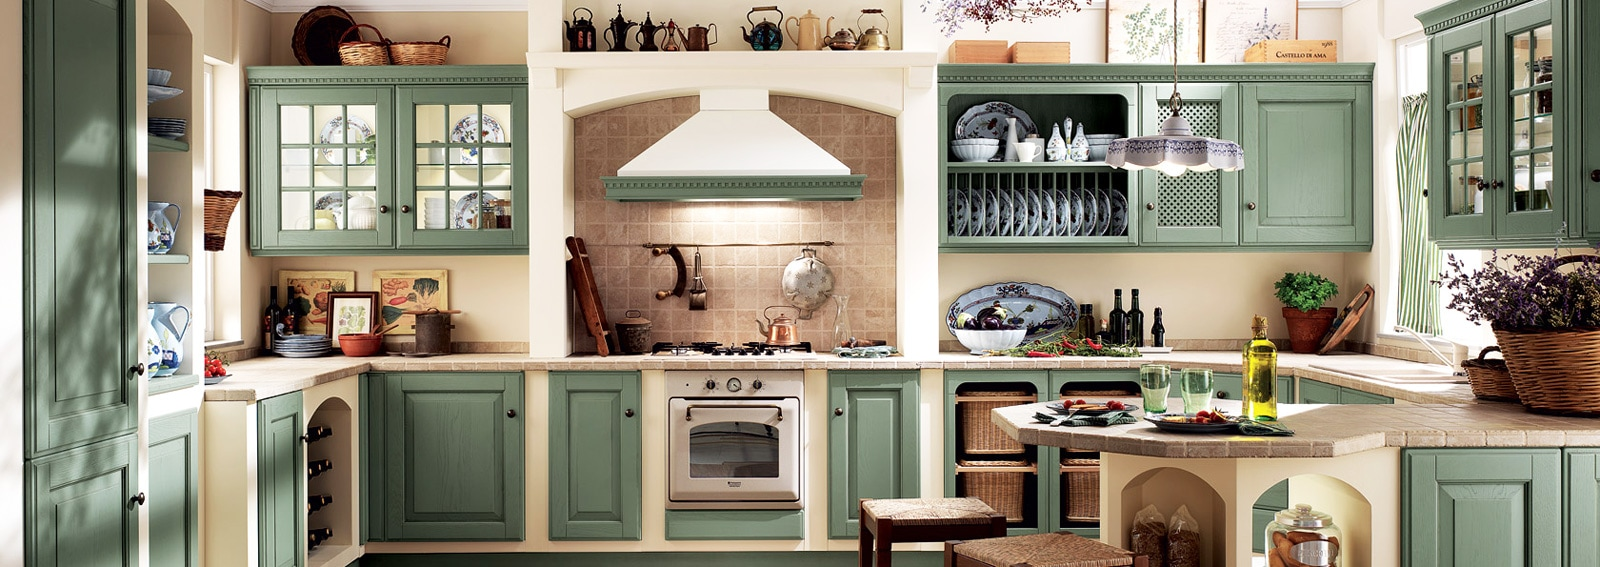 Cucine in muratura classiche rustiche e country - Cucine in muratura rustiche ...